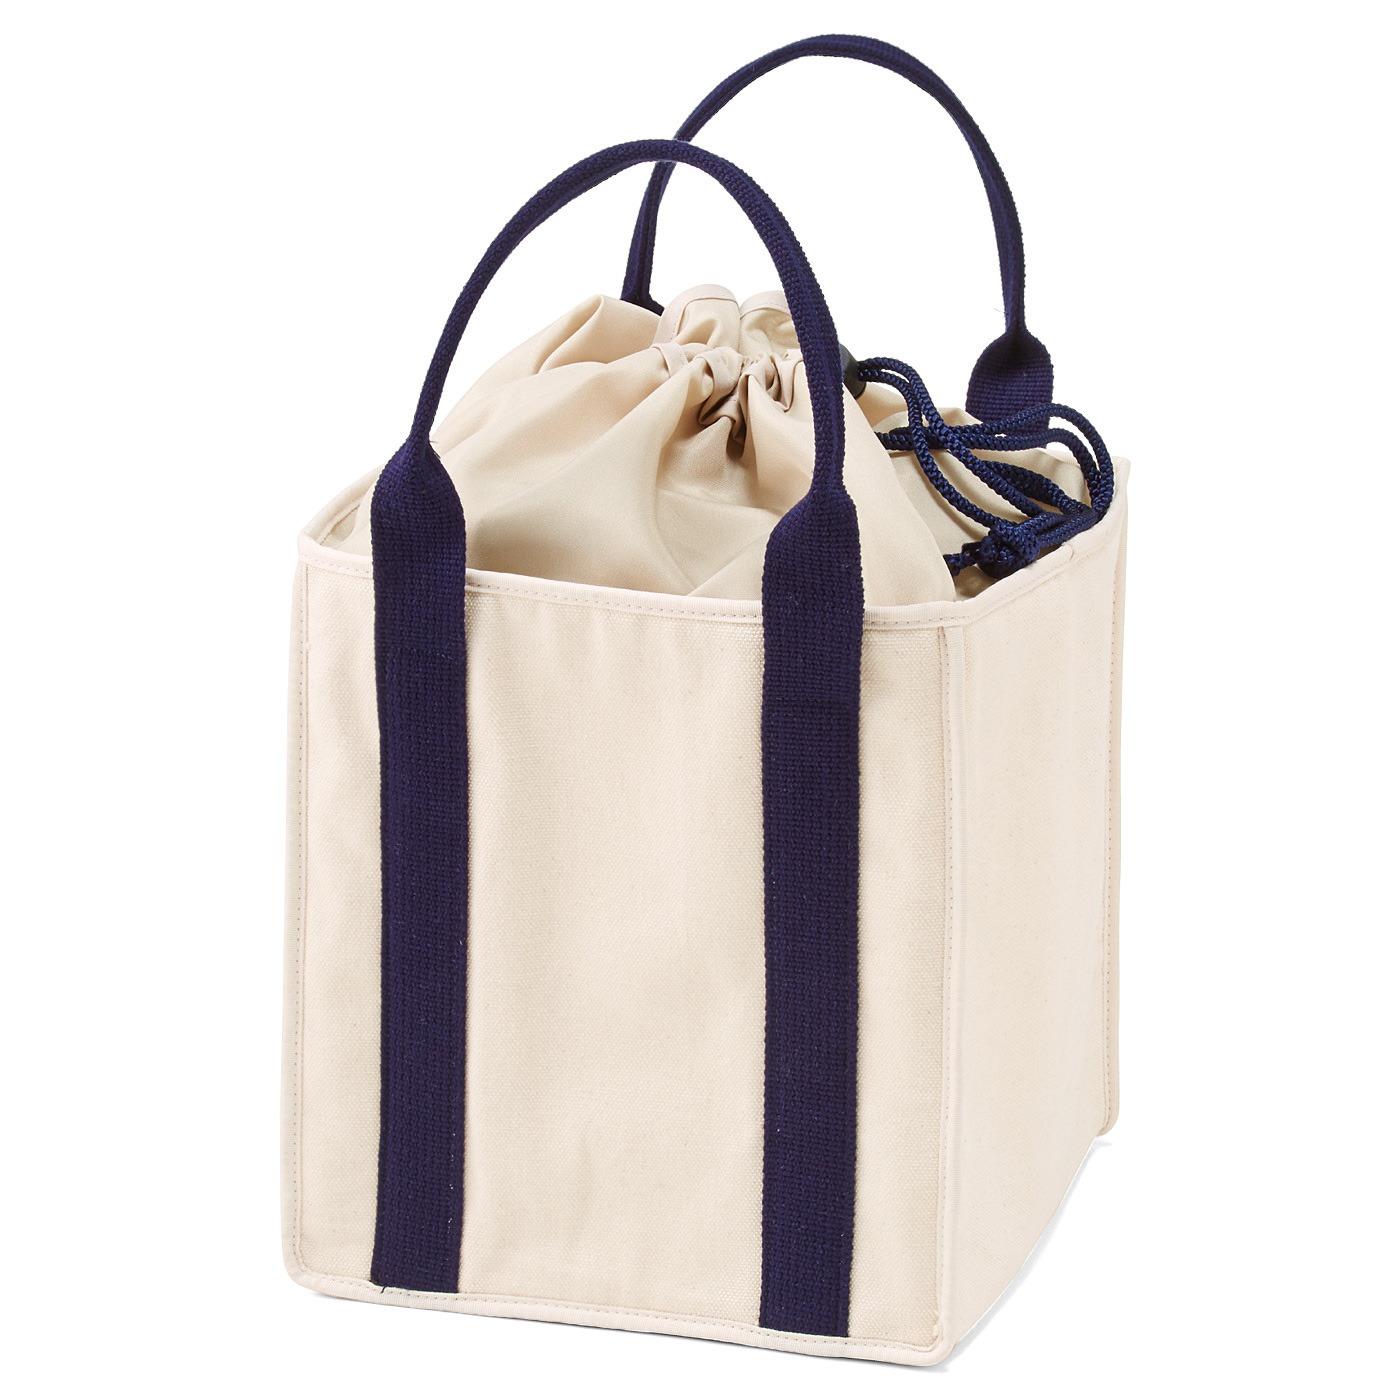 フェリシモ キャンバス素材のランチトートバッグ〈ラージサイズ〉